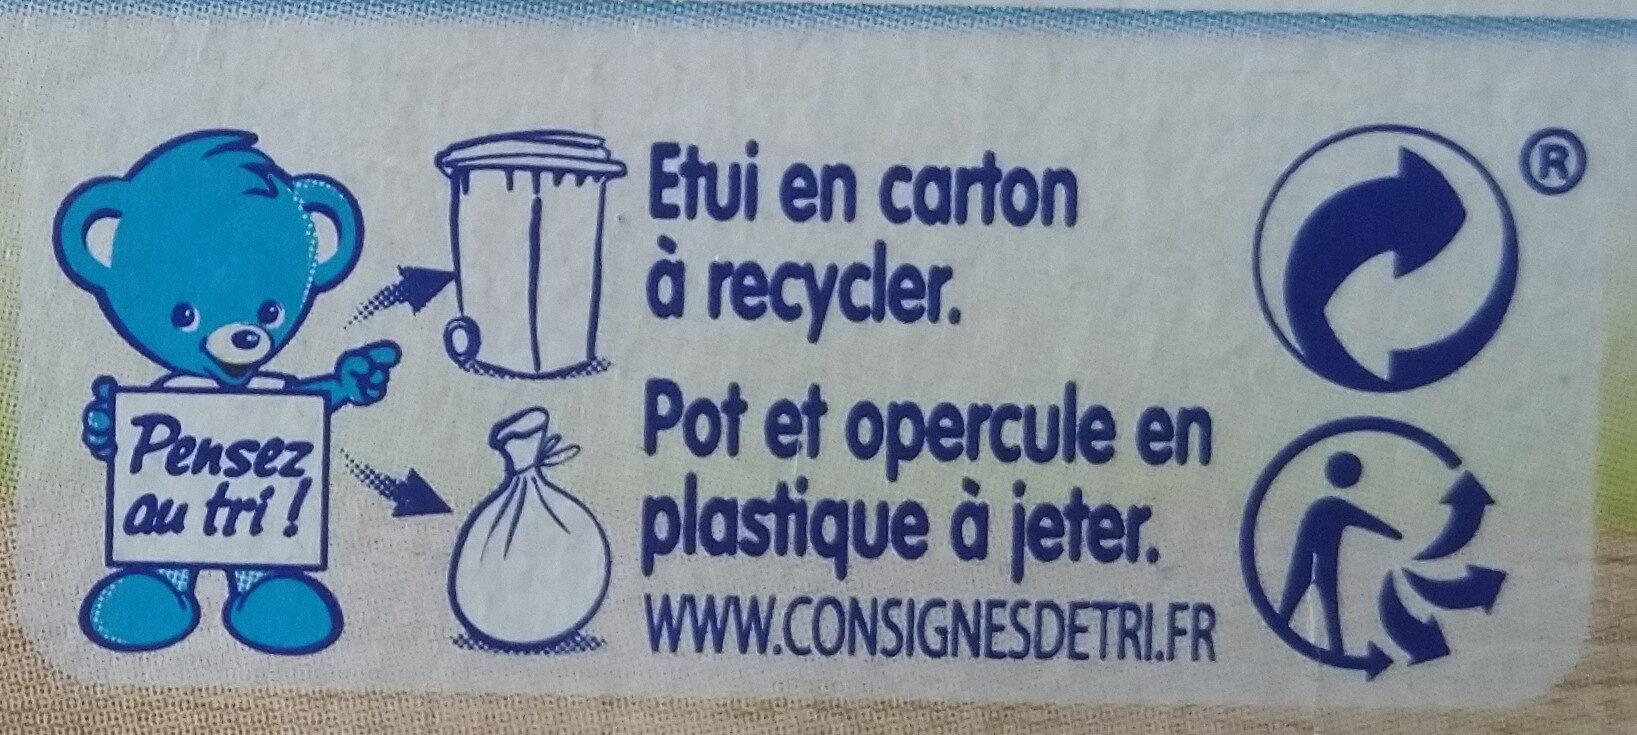 Nestlé p'tit gourmand banane cacao - Instruction de recyclage et/ou informations d'emballage - fr